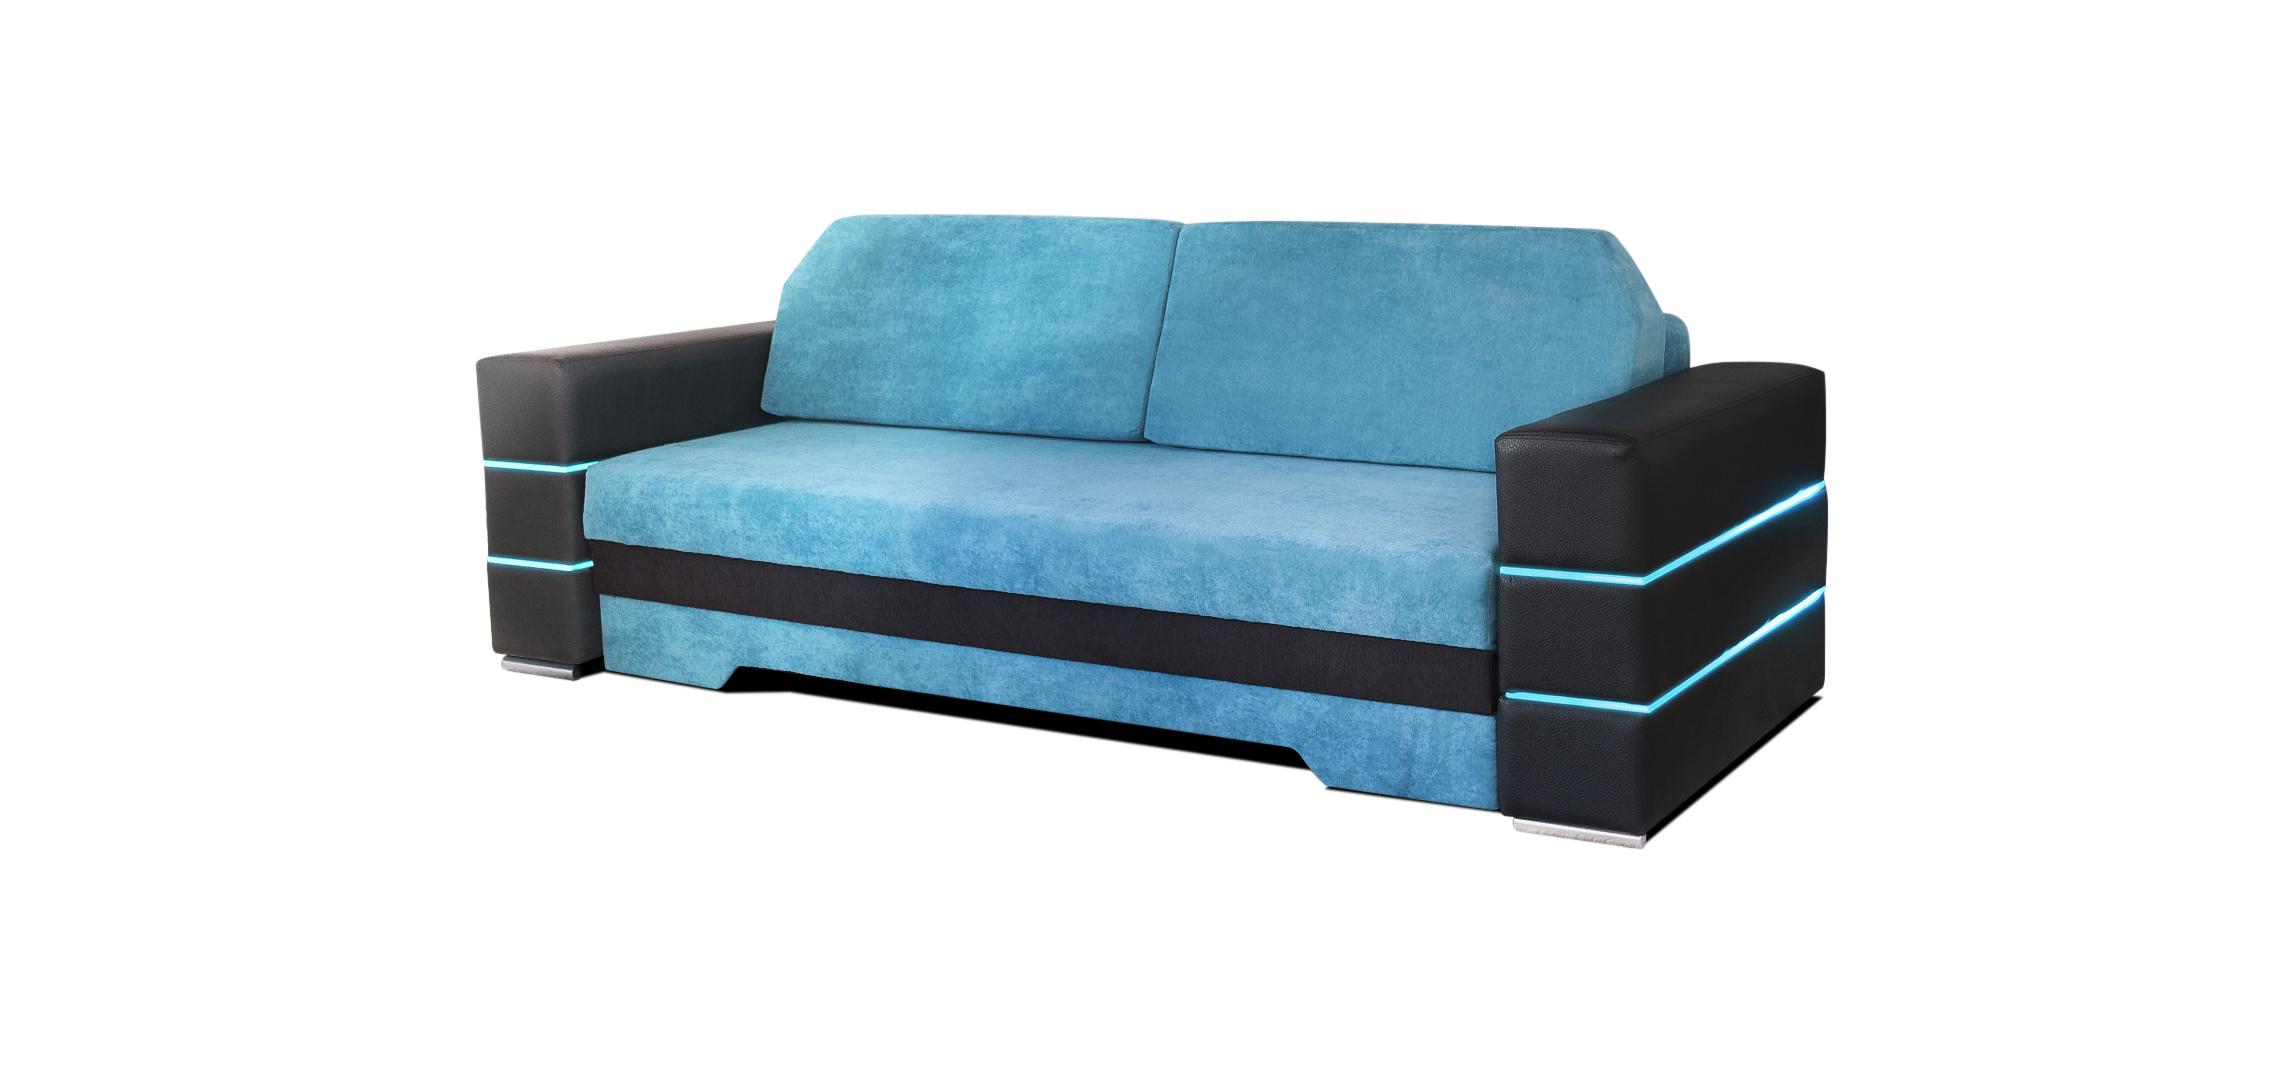 Full Size of Sofa Schlaffunktion Bettfunktion Couch Kanatextil Garnitur Alternatives Bett 140x200 Mit Matratze Und Lattenrost Billig 2er Kissen Lederpflege Stauraum Sofa Sofa Mit Bettfunktion